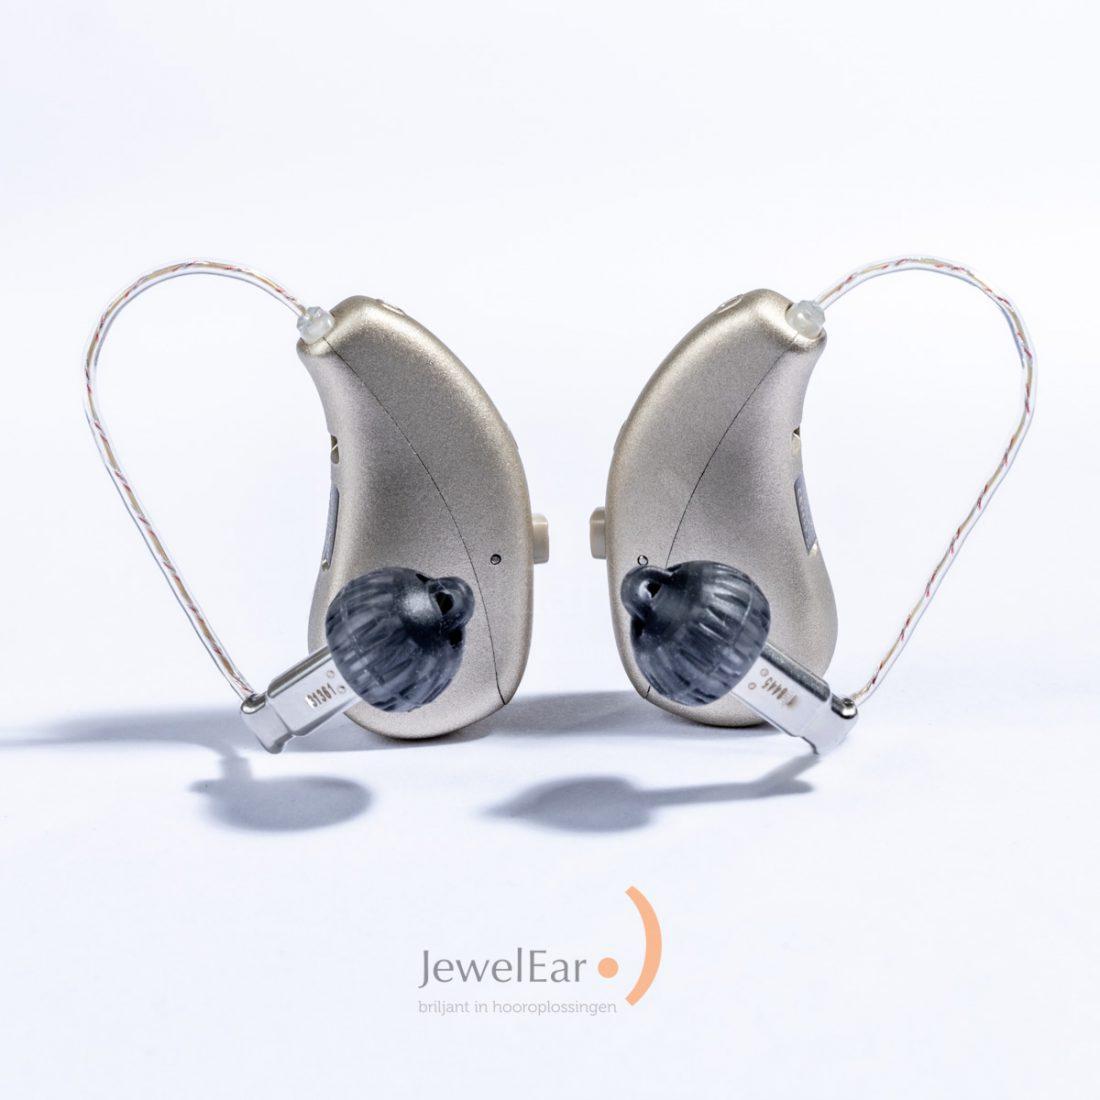 Widex Moment Hoortoestel Gehoorapparaat - JewelEar audicien hoortoestellen - briljant in hooroplossingen